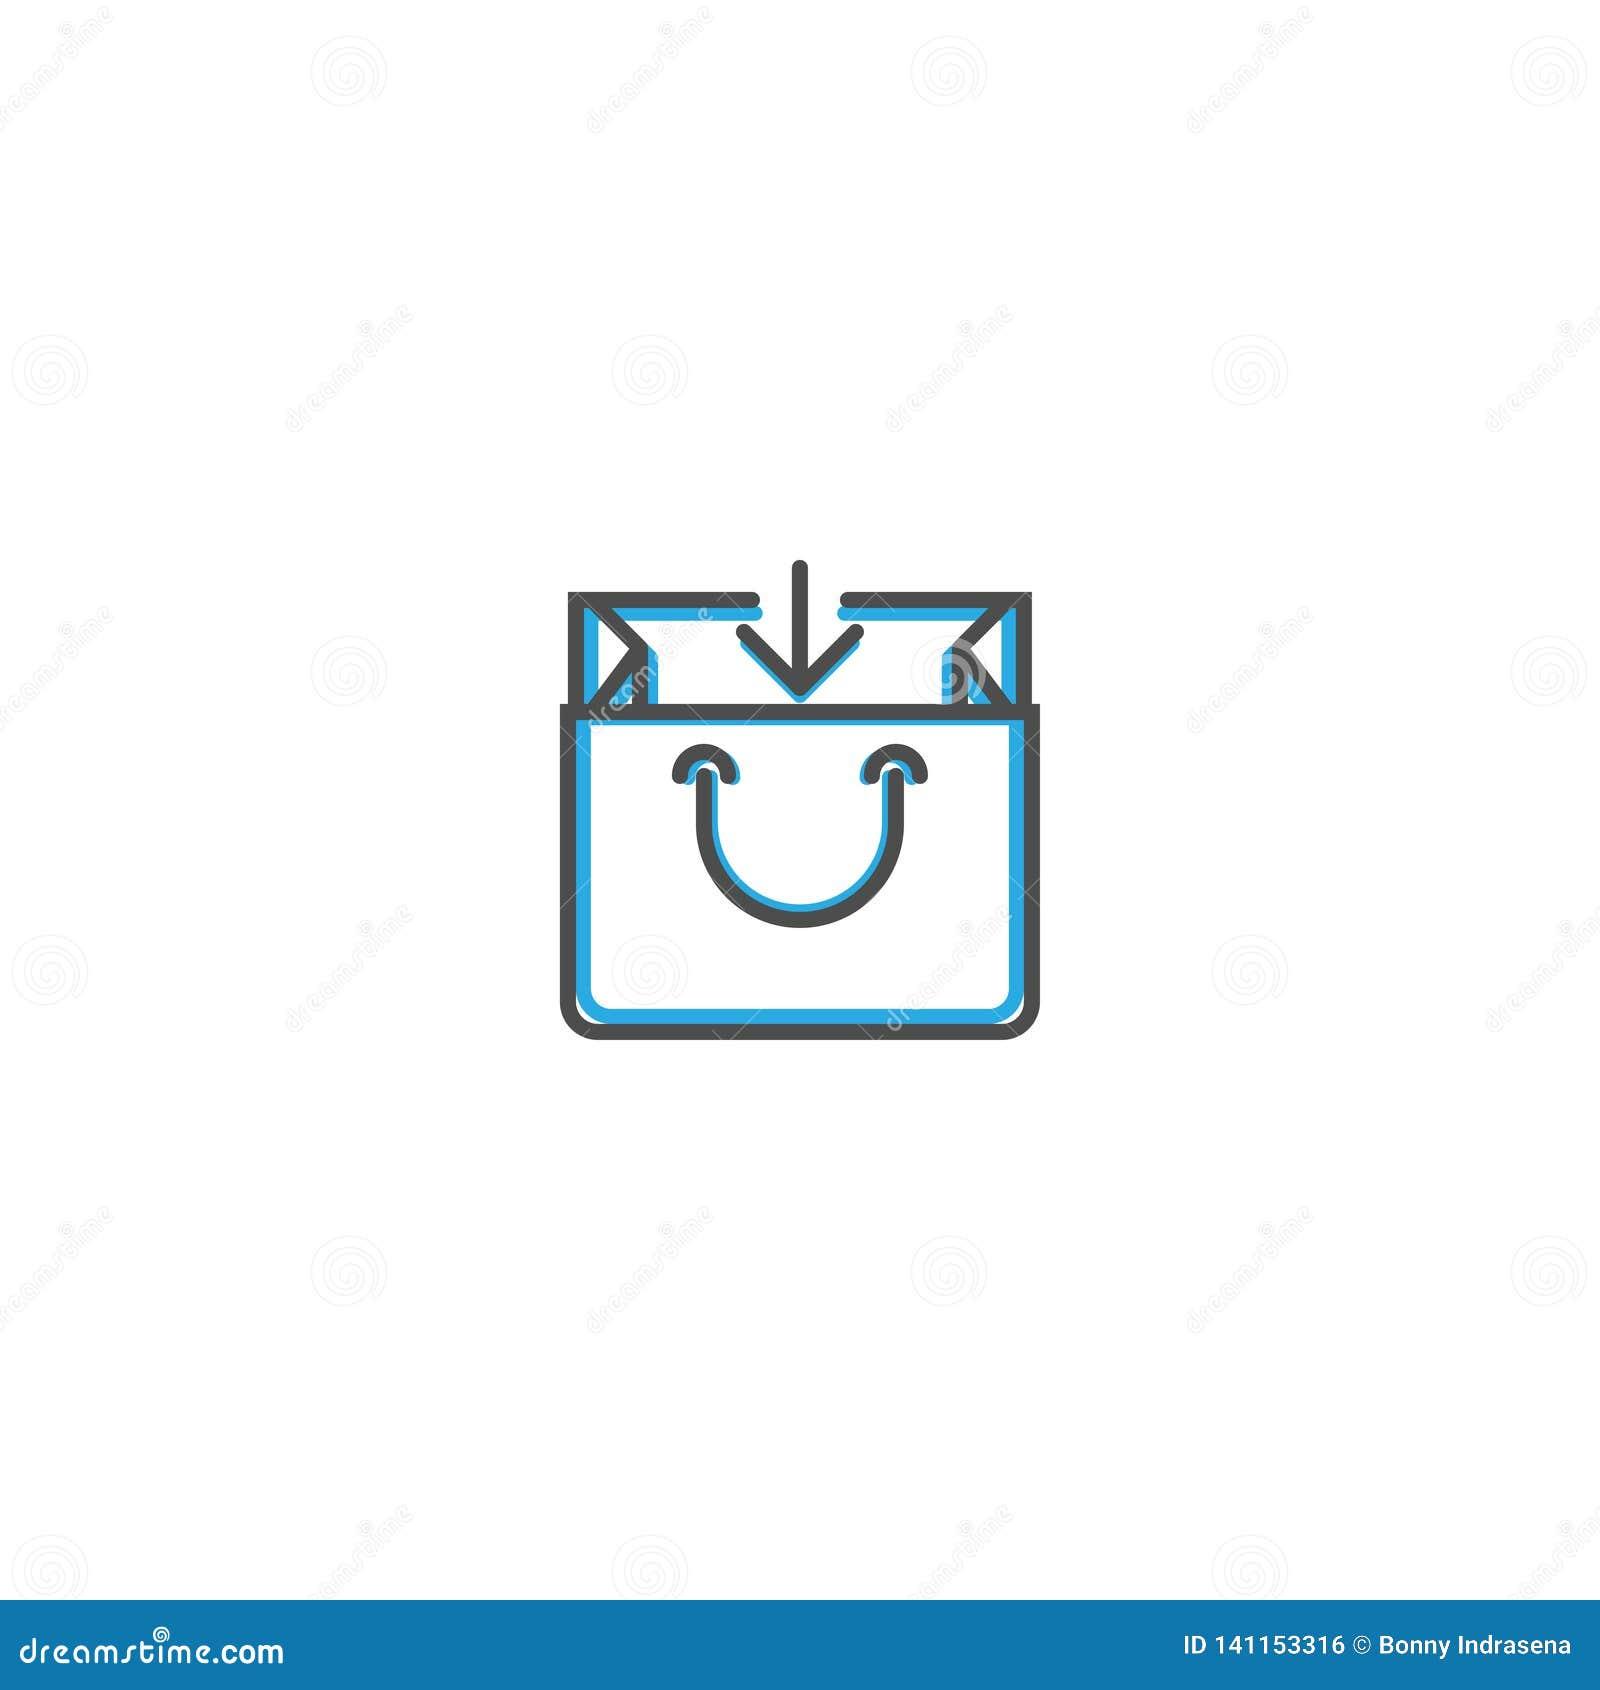 Taschenikonenlinie Entwurf Geschäftsikone Vektorillustration